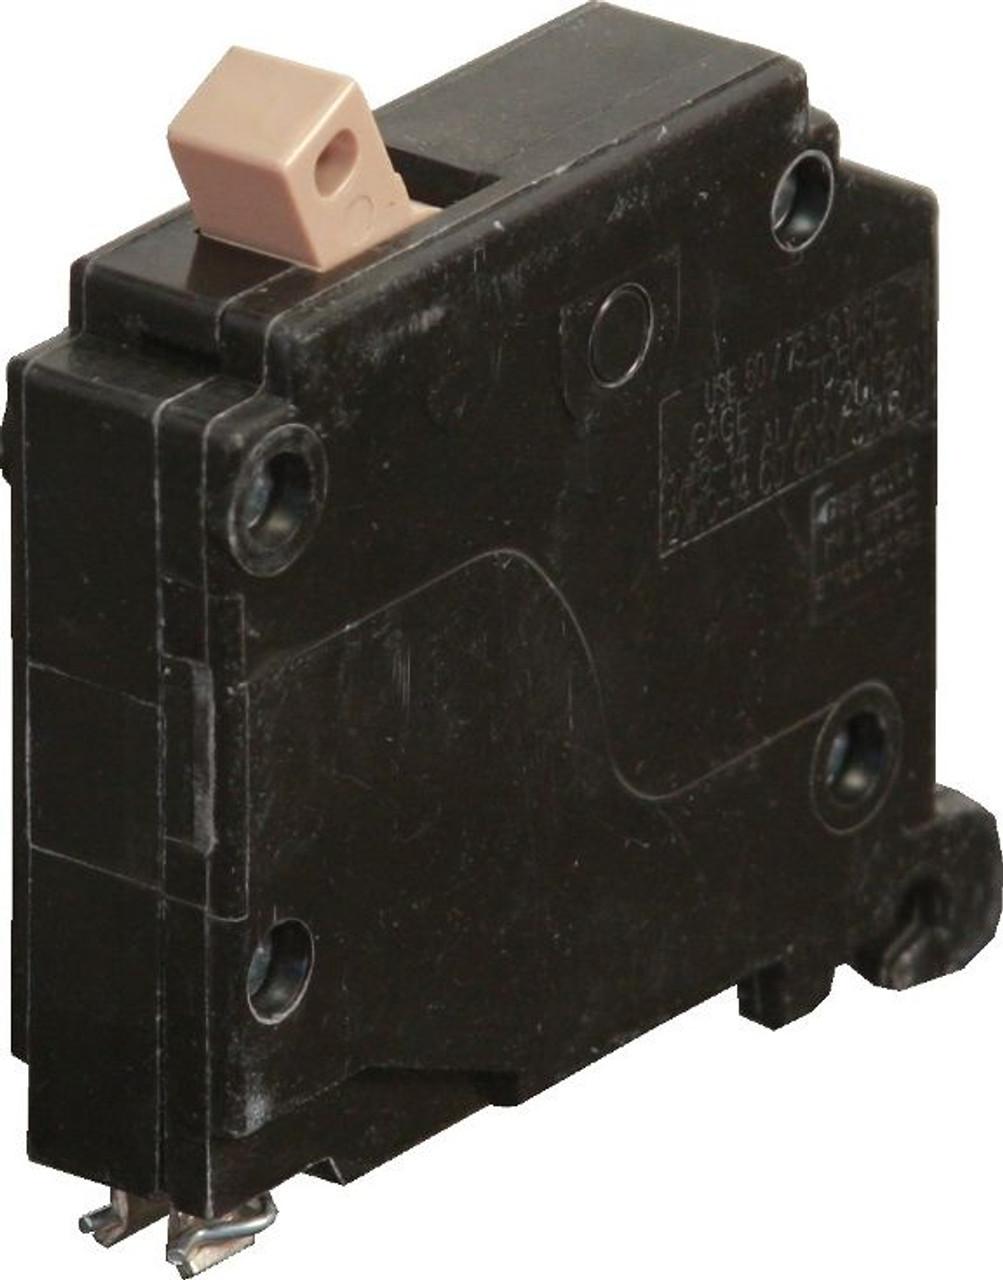 Eaton circuit breaker CH120 20 amp, 120/240 volt, 1 pole - Breaker Outlet